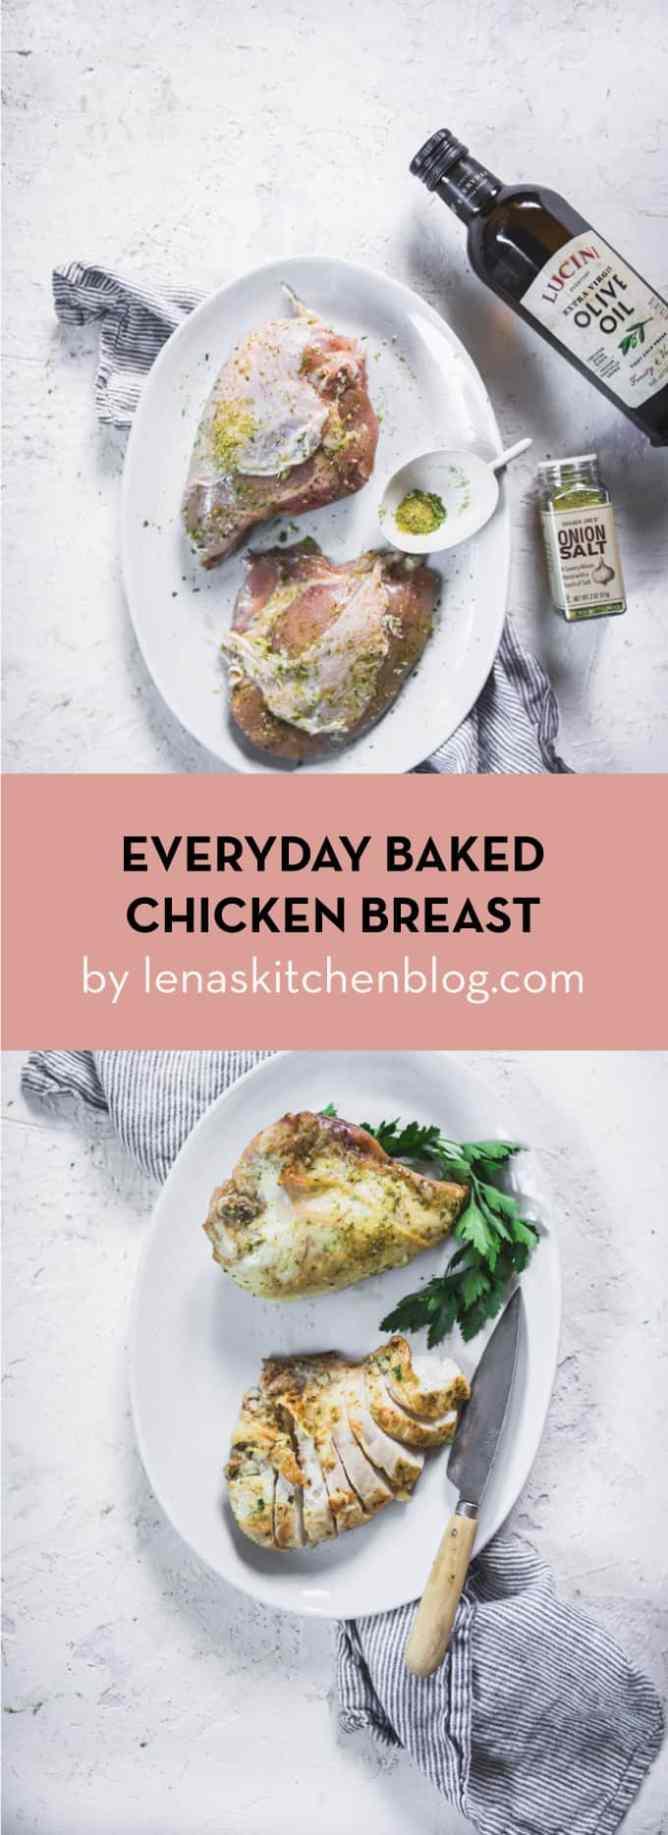 lenaskitchen EVERYDAY BAKED CHICKEN BREAST